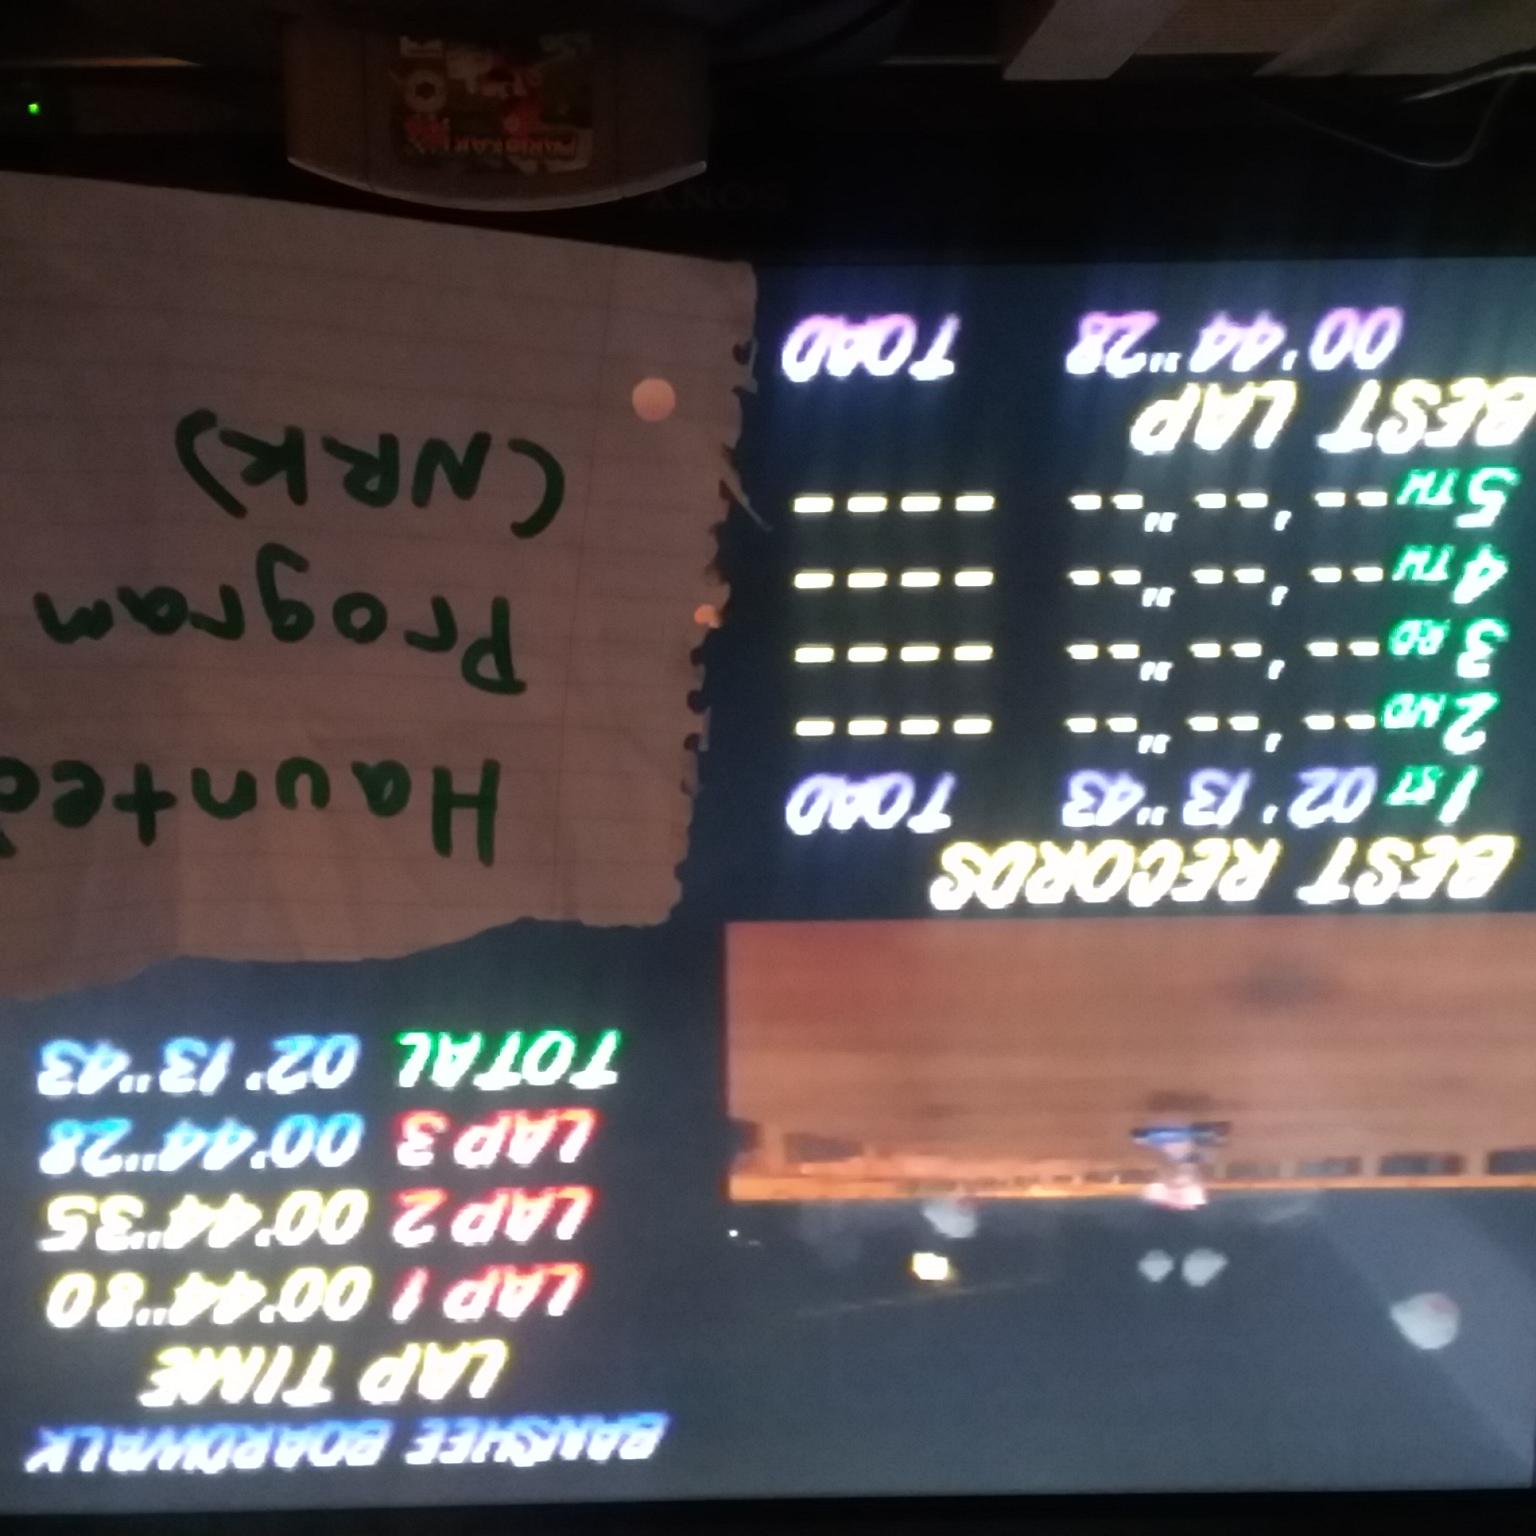 Mario Kart 64: Banshee Boardwalk [Time Trial] time of 0:02:13.43